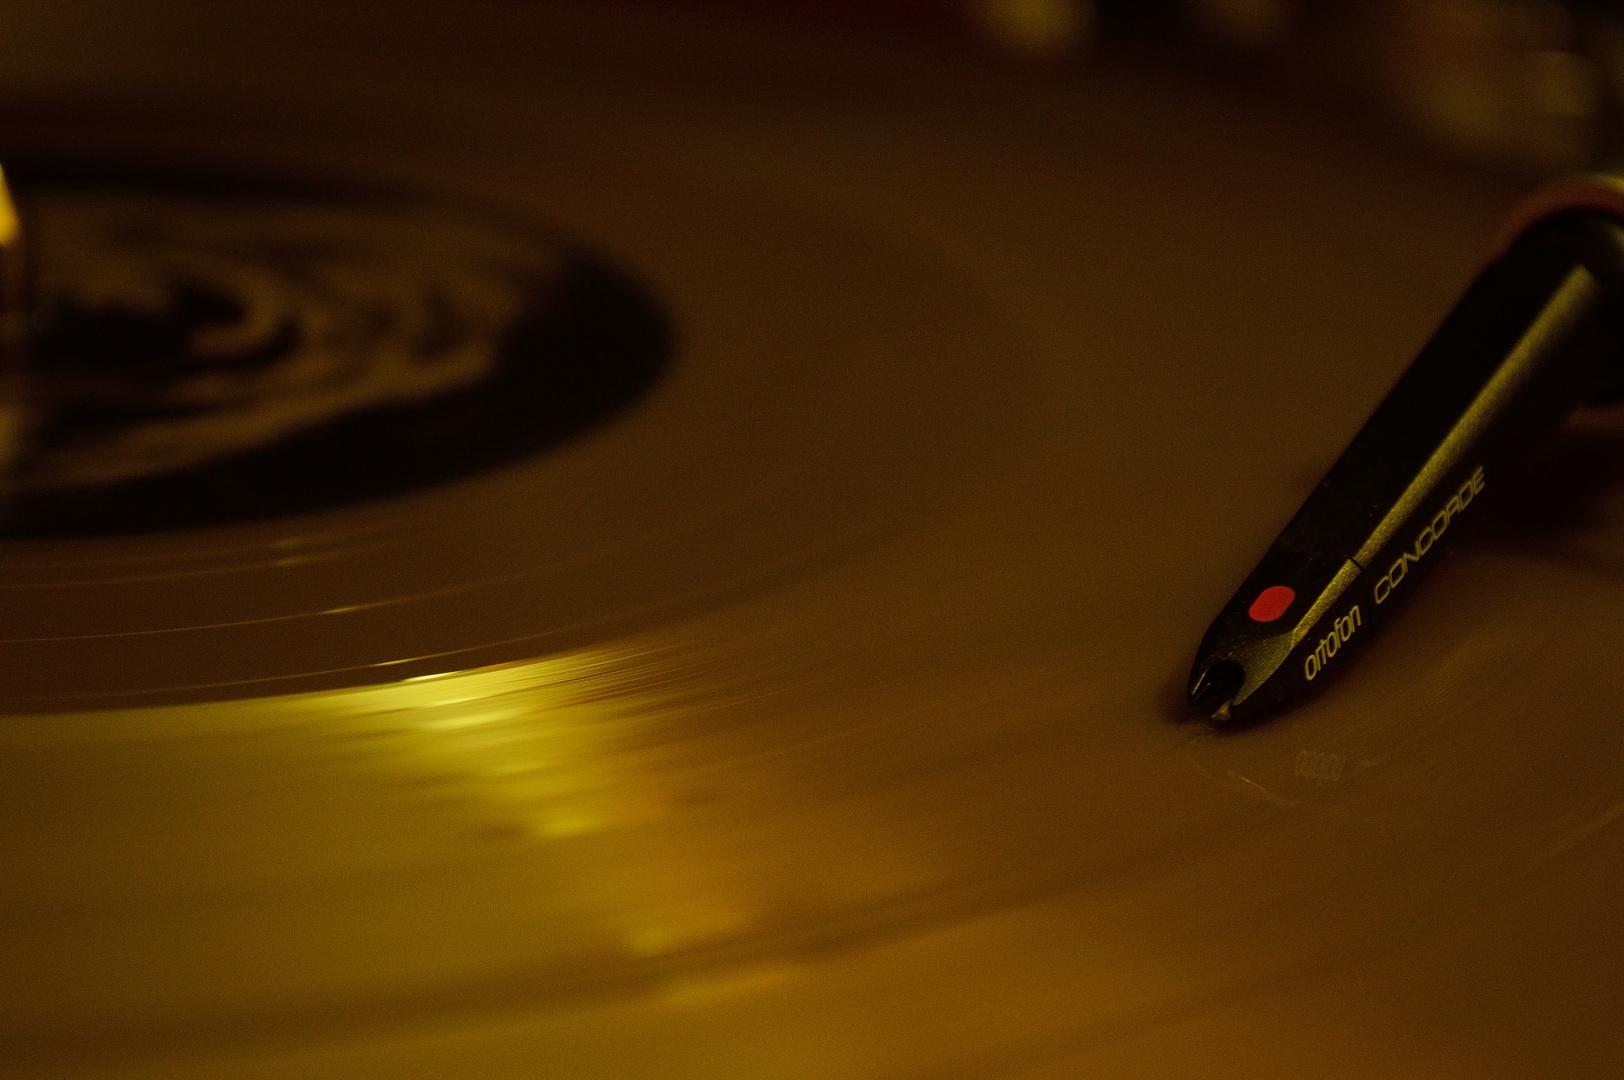 Vinyl (Ulver: Svidd Neger - Gold Vinyl)